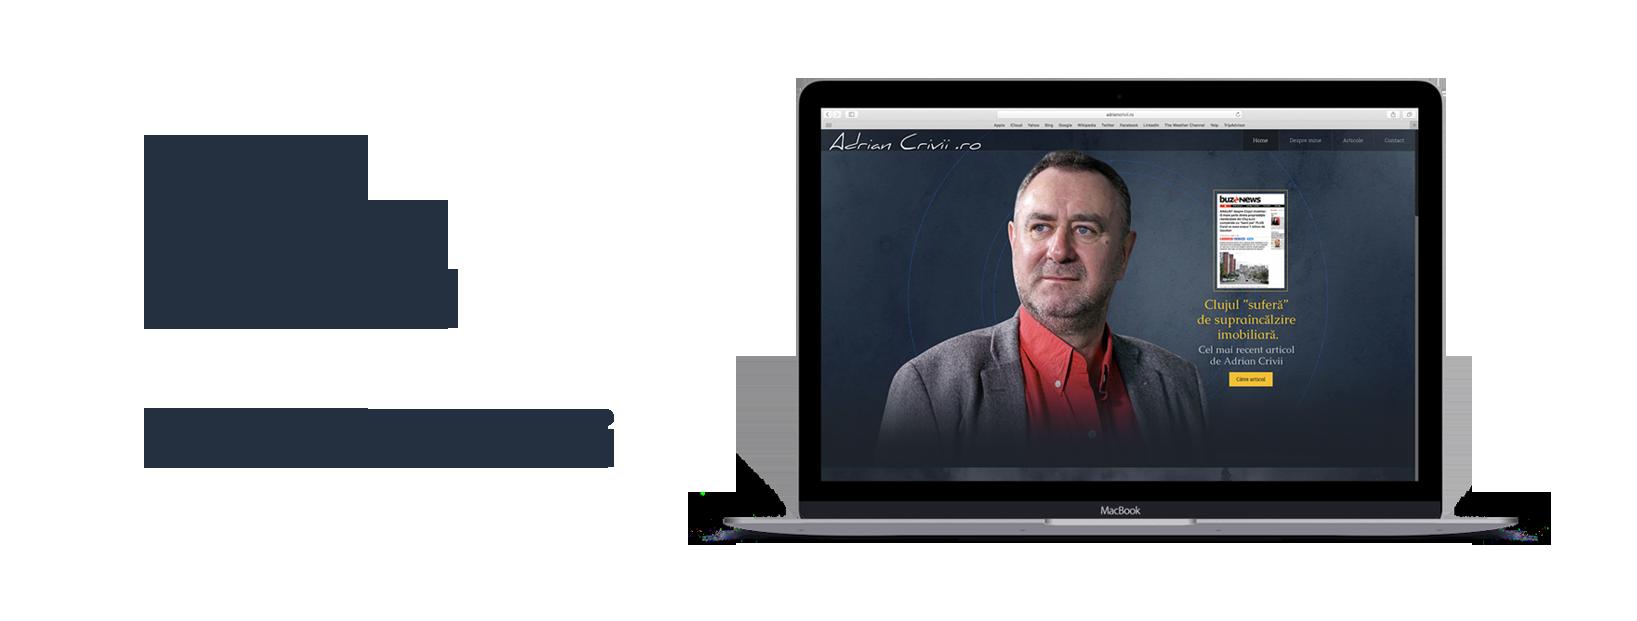 Vezi blogul personal Adrian Crivii